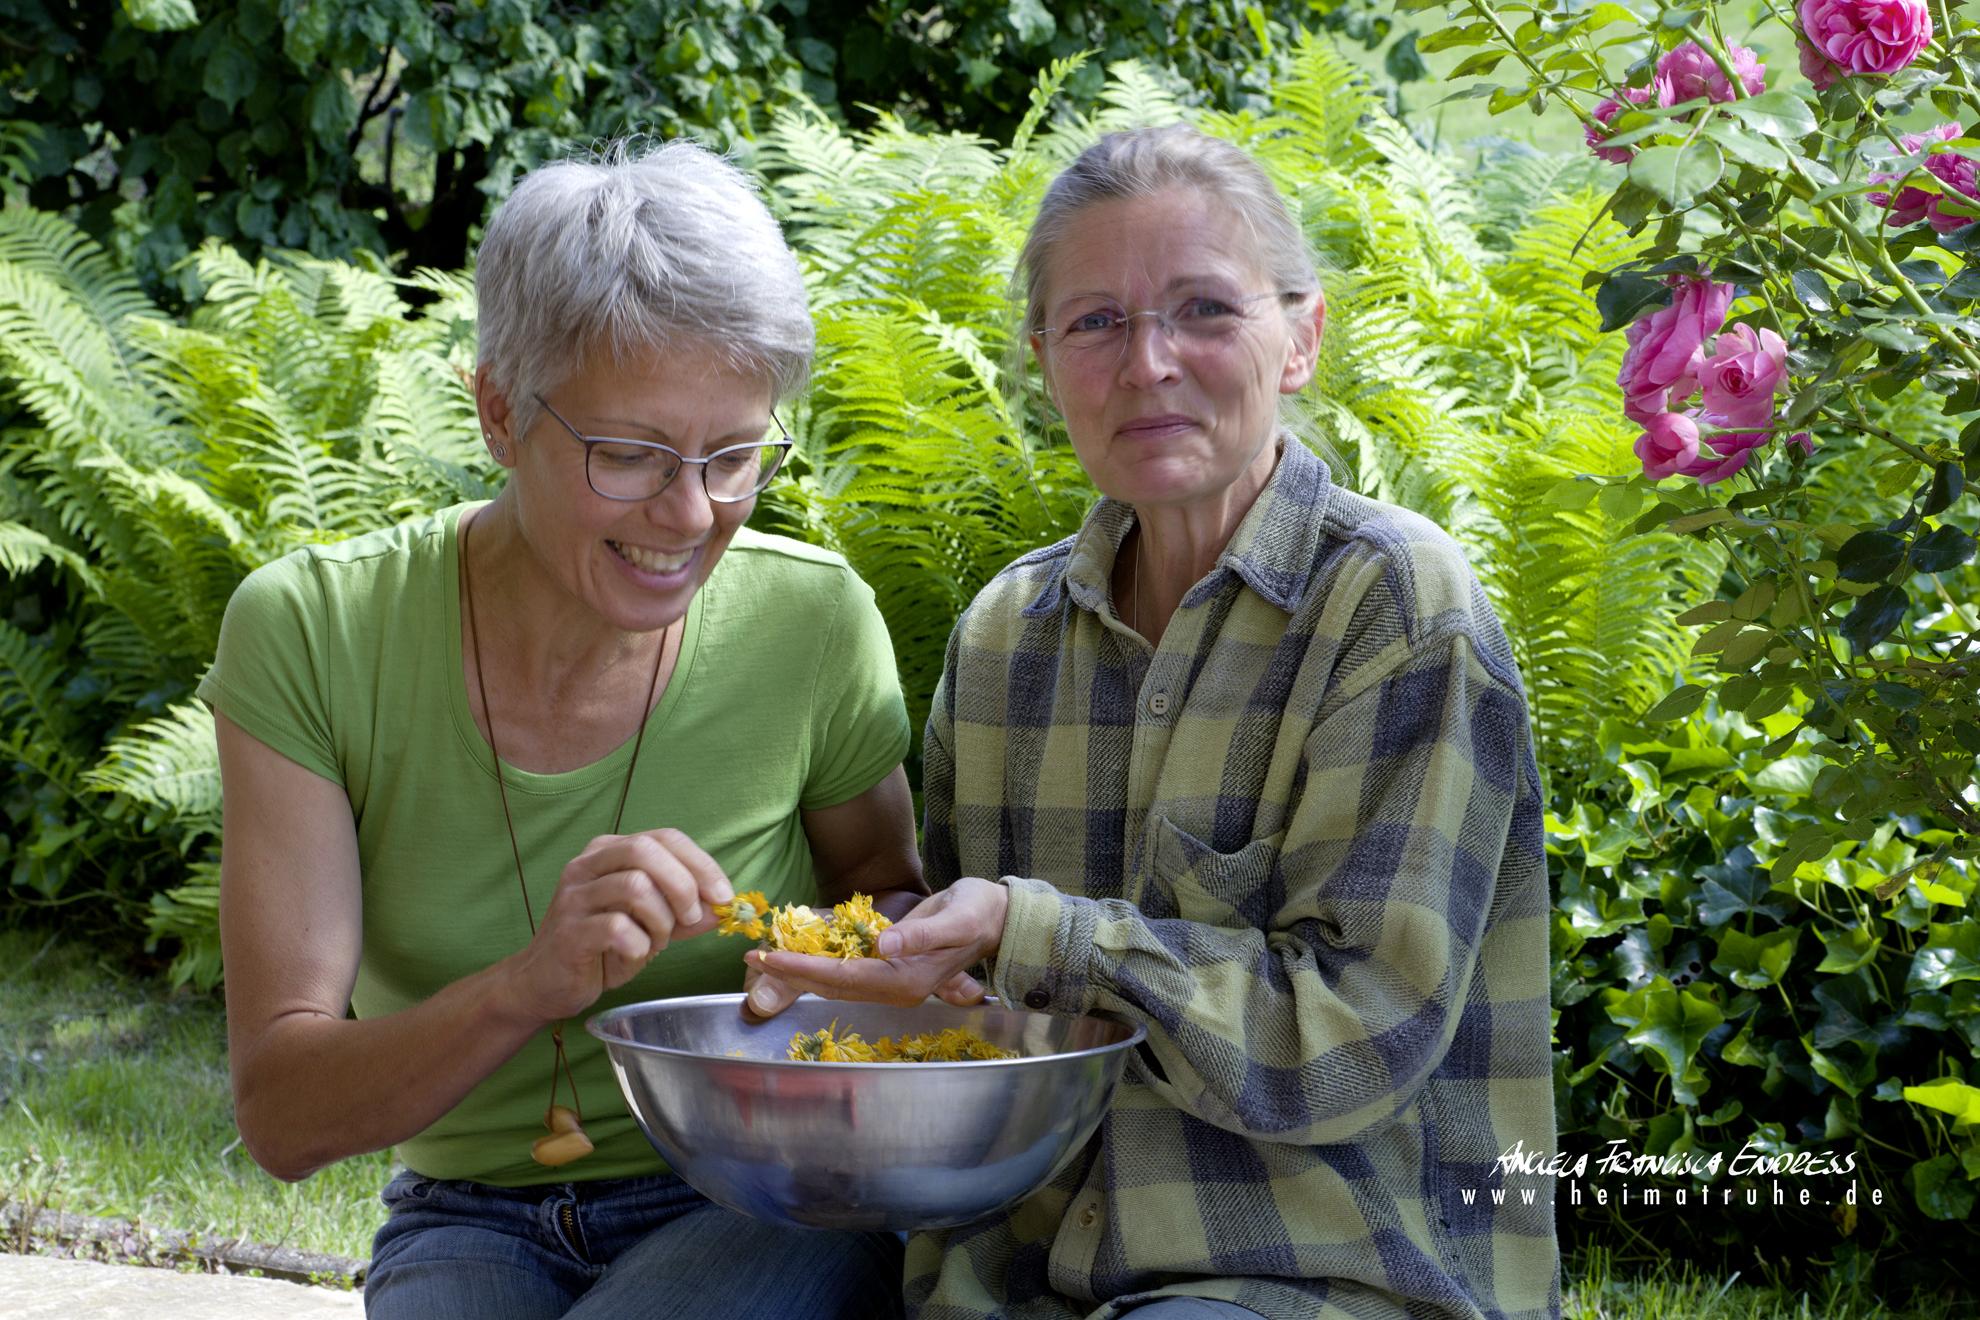 """Ute Kern und Monika Rehs (von liunks) im Garten ihrer """"Berglandkräuter"""" mit Calendula-Blüten"""